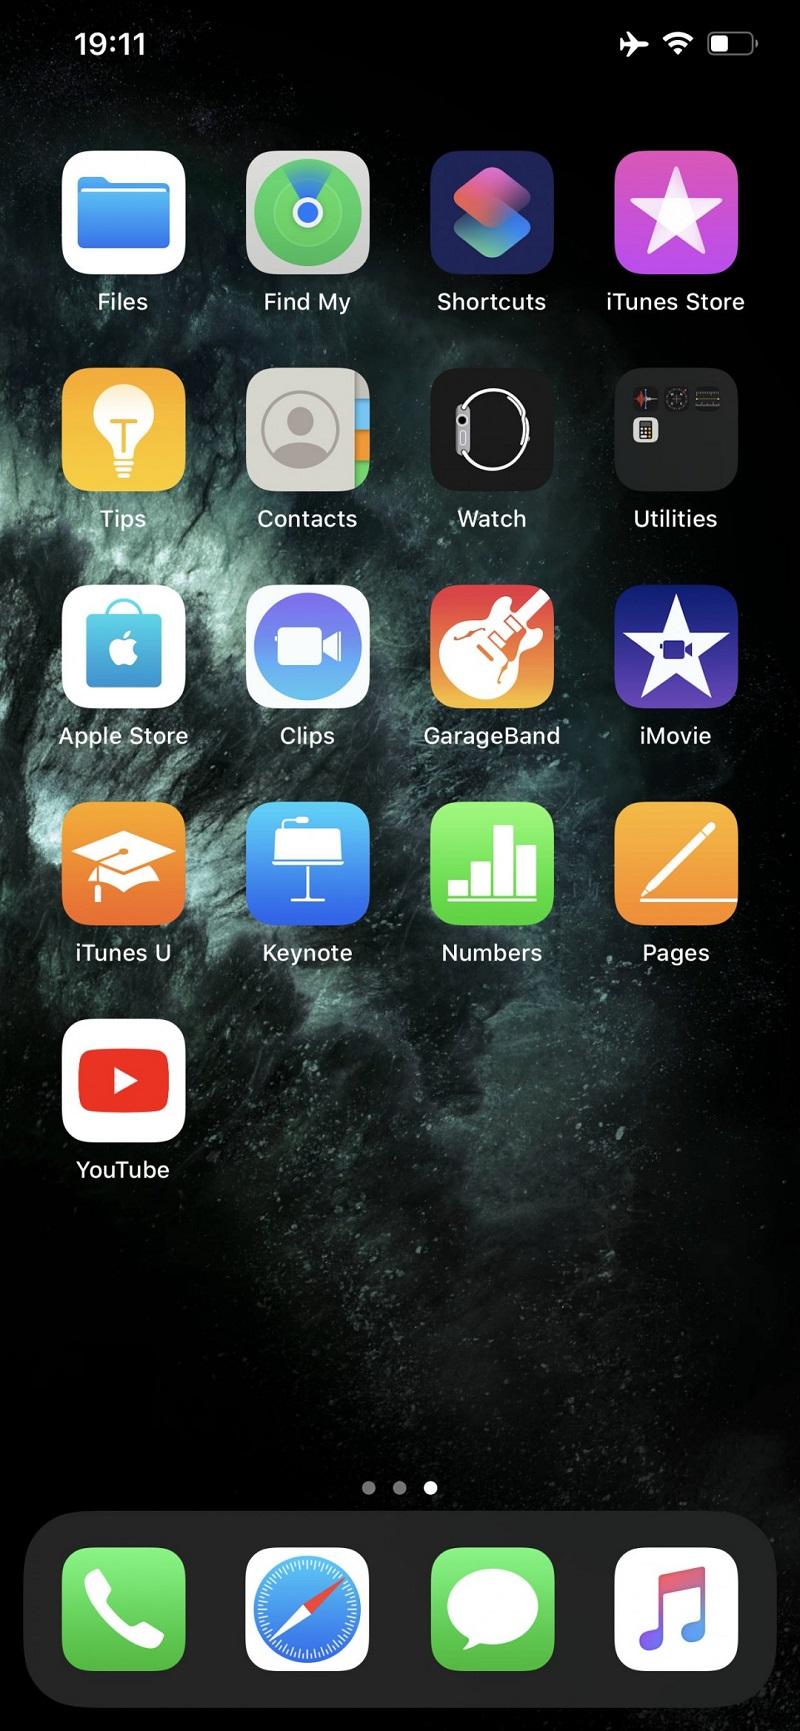 Sforum - Trang thông tin công nghệ mới nhất gsmarena_008-8 Đánh giá Apple iPhone 11 Pro/11 Pro Max: Khả năng chụp hình tốt, dung lượng pin cải thiện vượt bậc